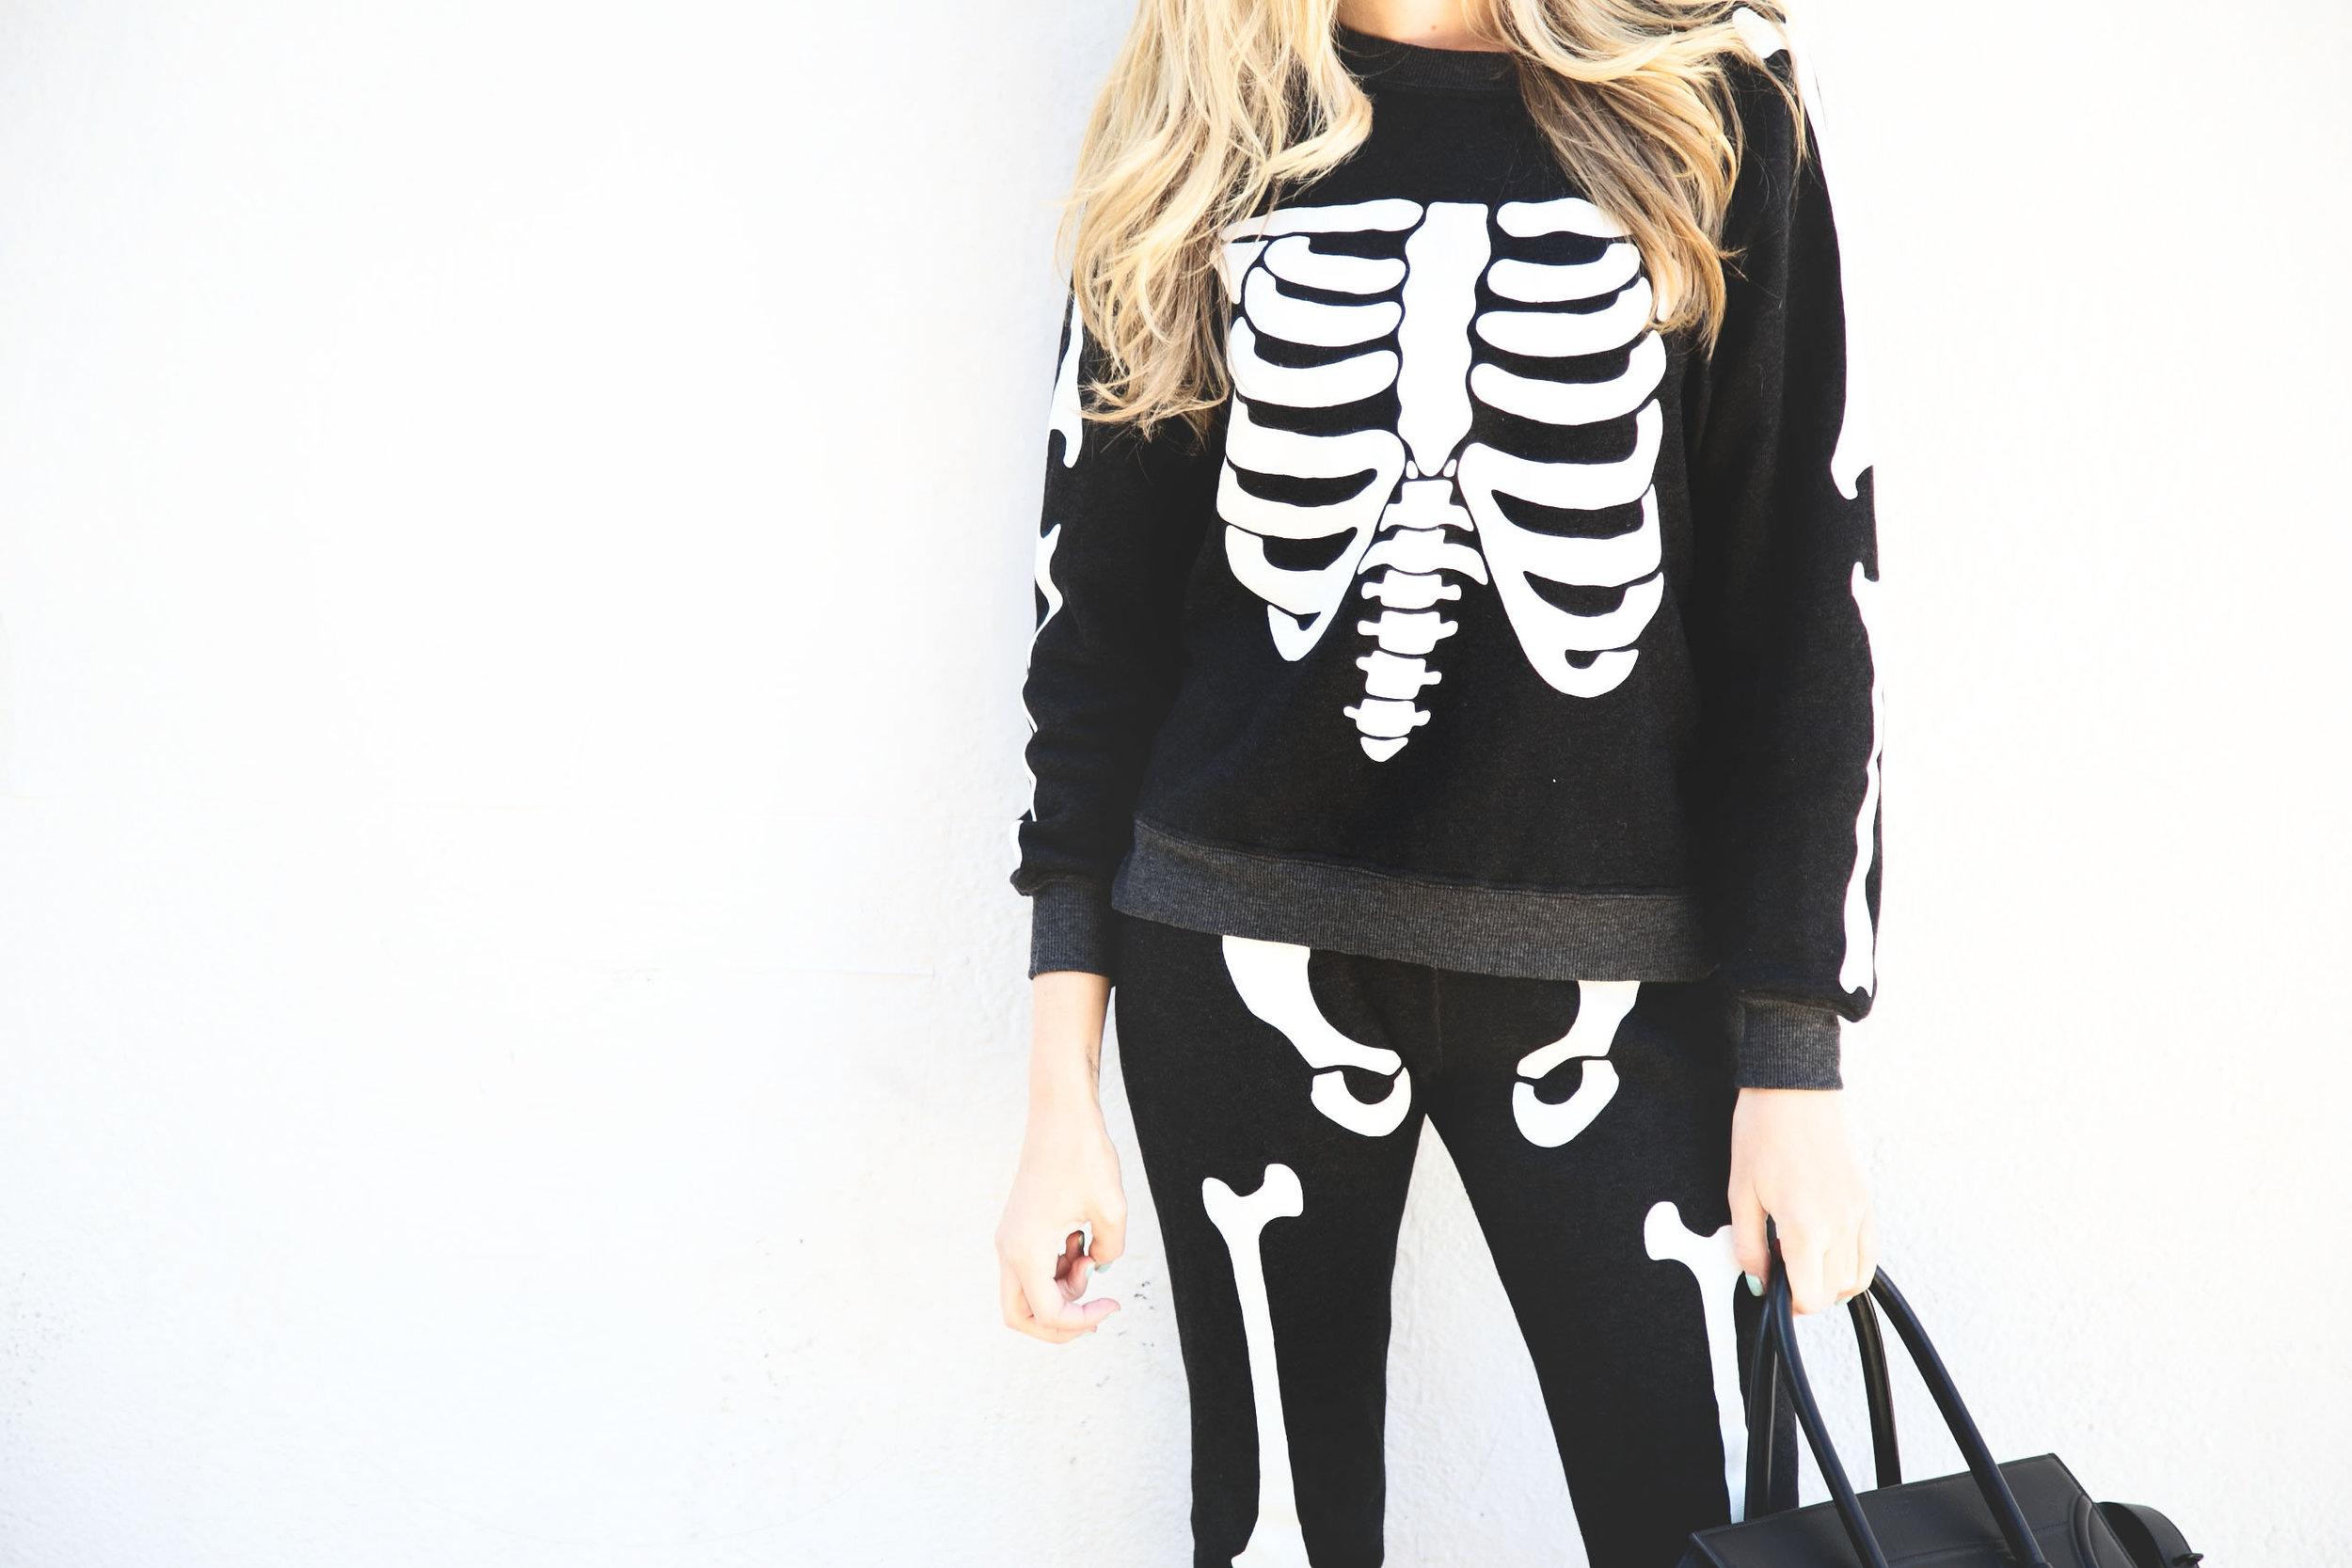 Skeleton_25copy.jpg